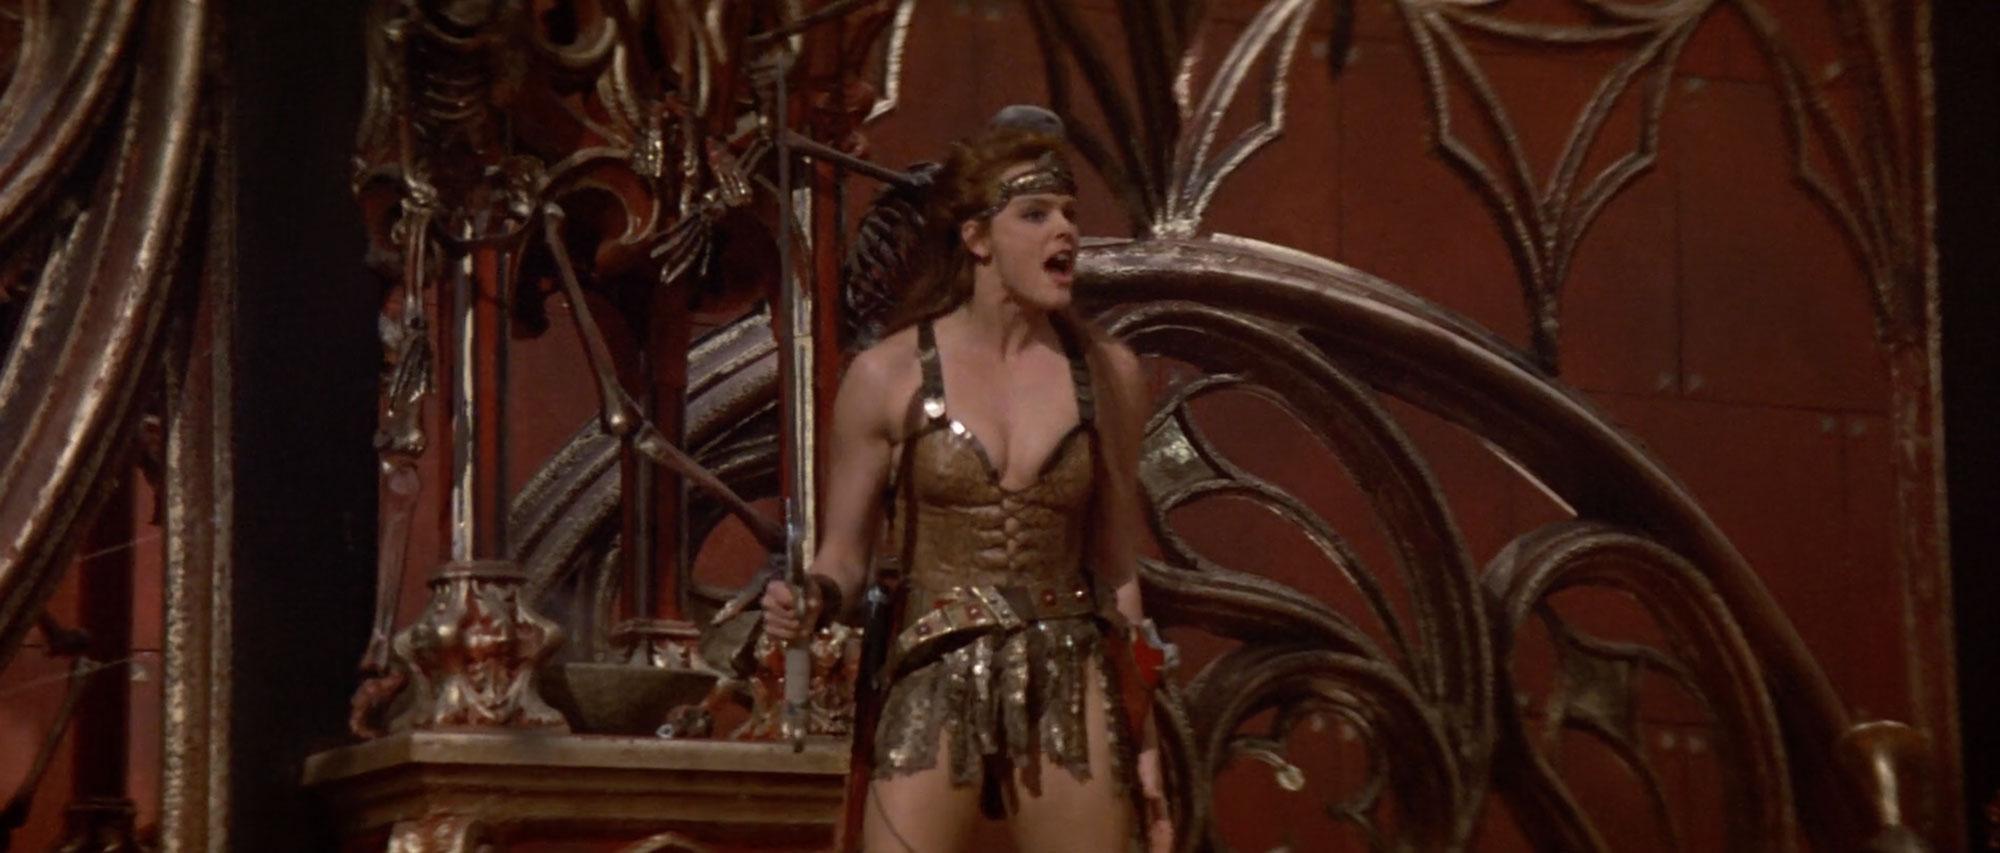 Brigitte Nielsen in Red Sonja (1985)